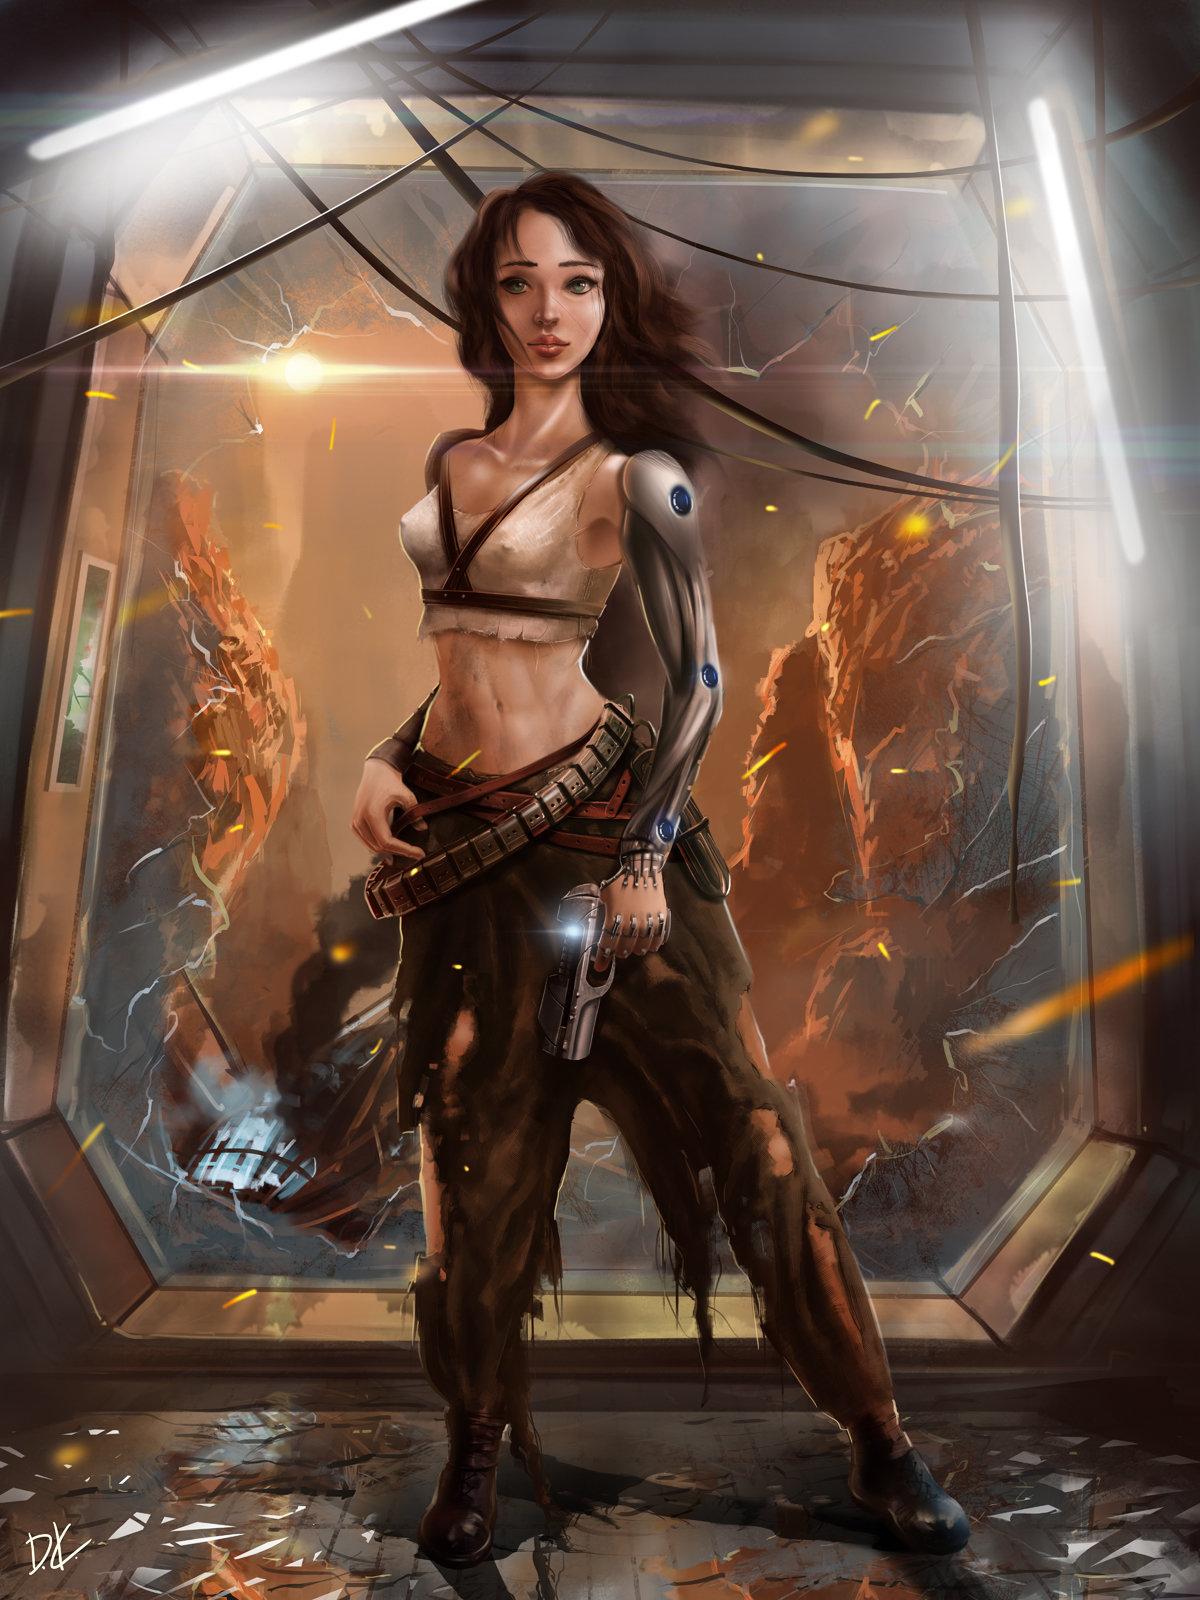 Anime Sniper Girl Wallpaper Hd Artstation Sci Fi Female Character Concept Art Dmitry